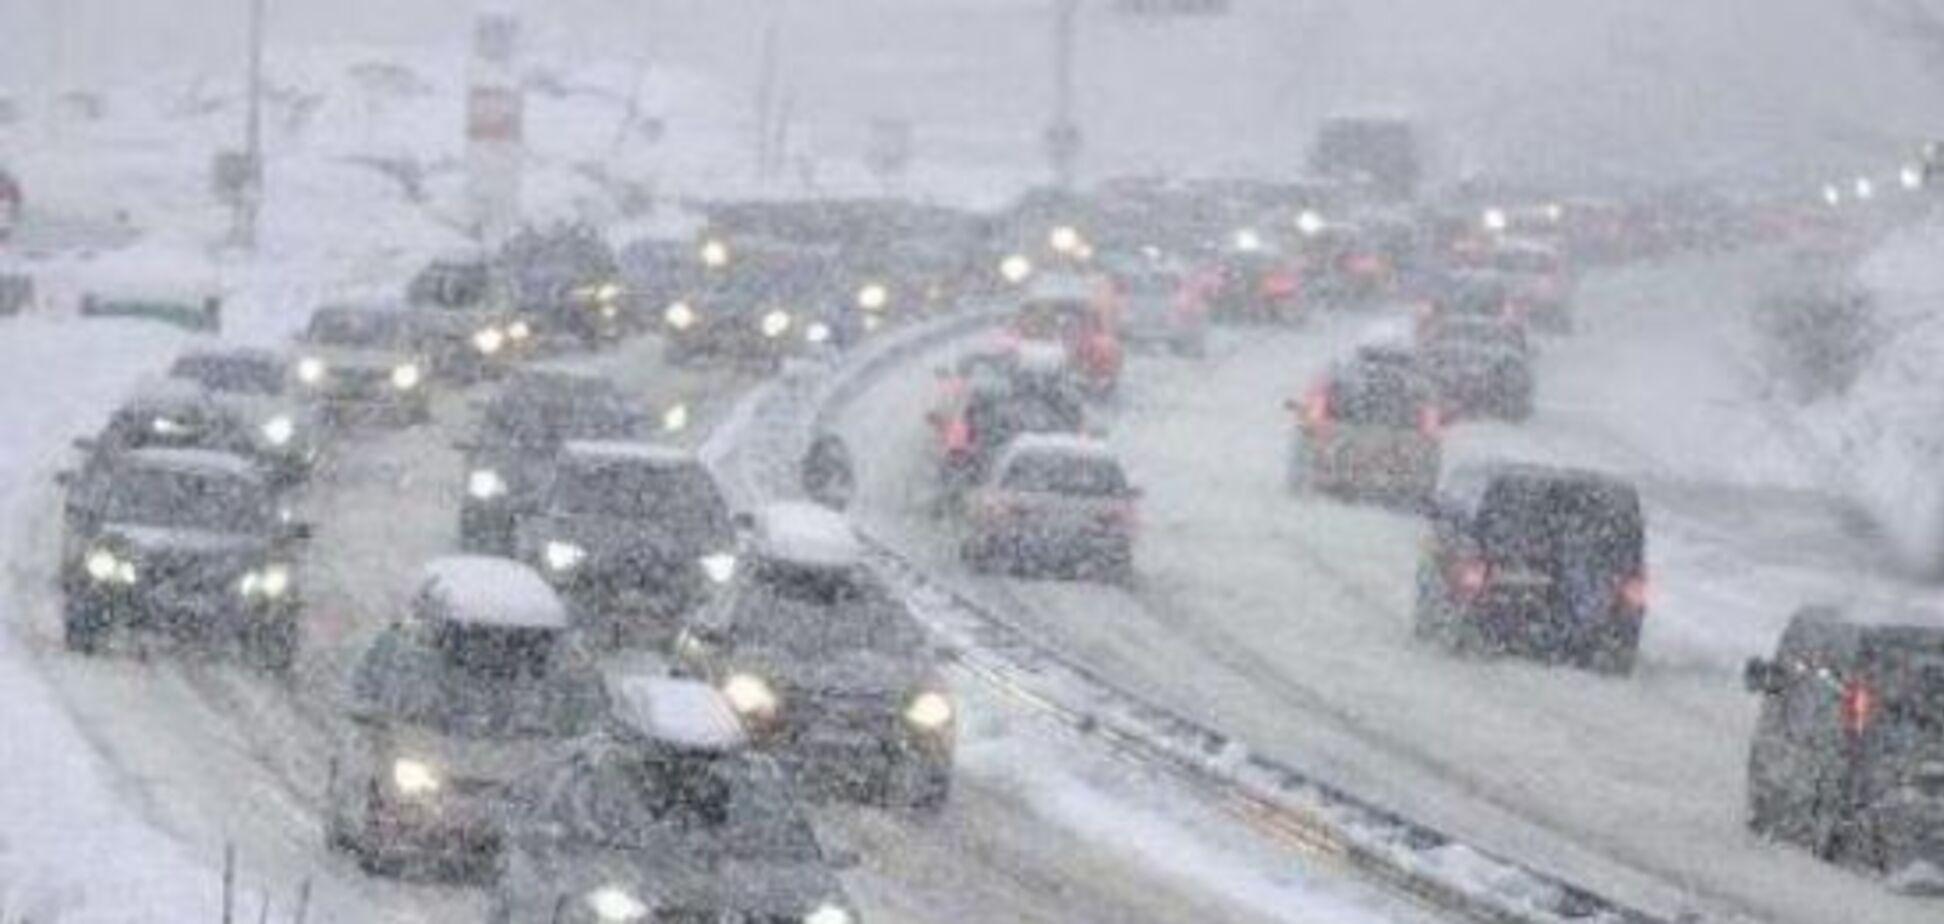 ''Будут ездить 120 км/ч'': юрист объяснил нюансы новых ограничений скорости в Киеве